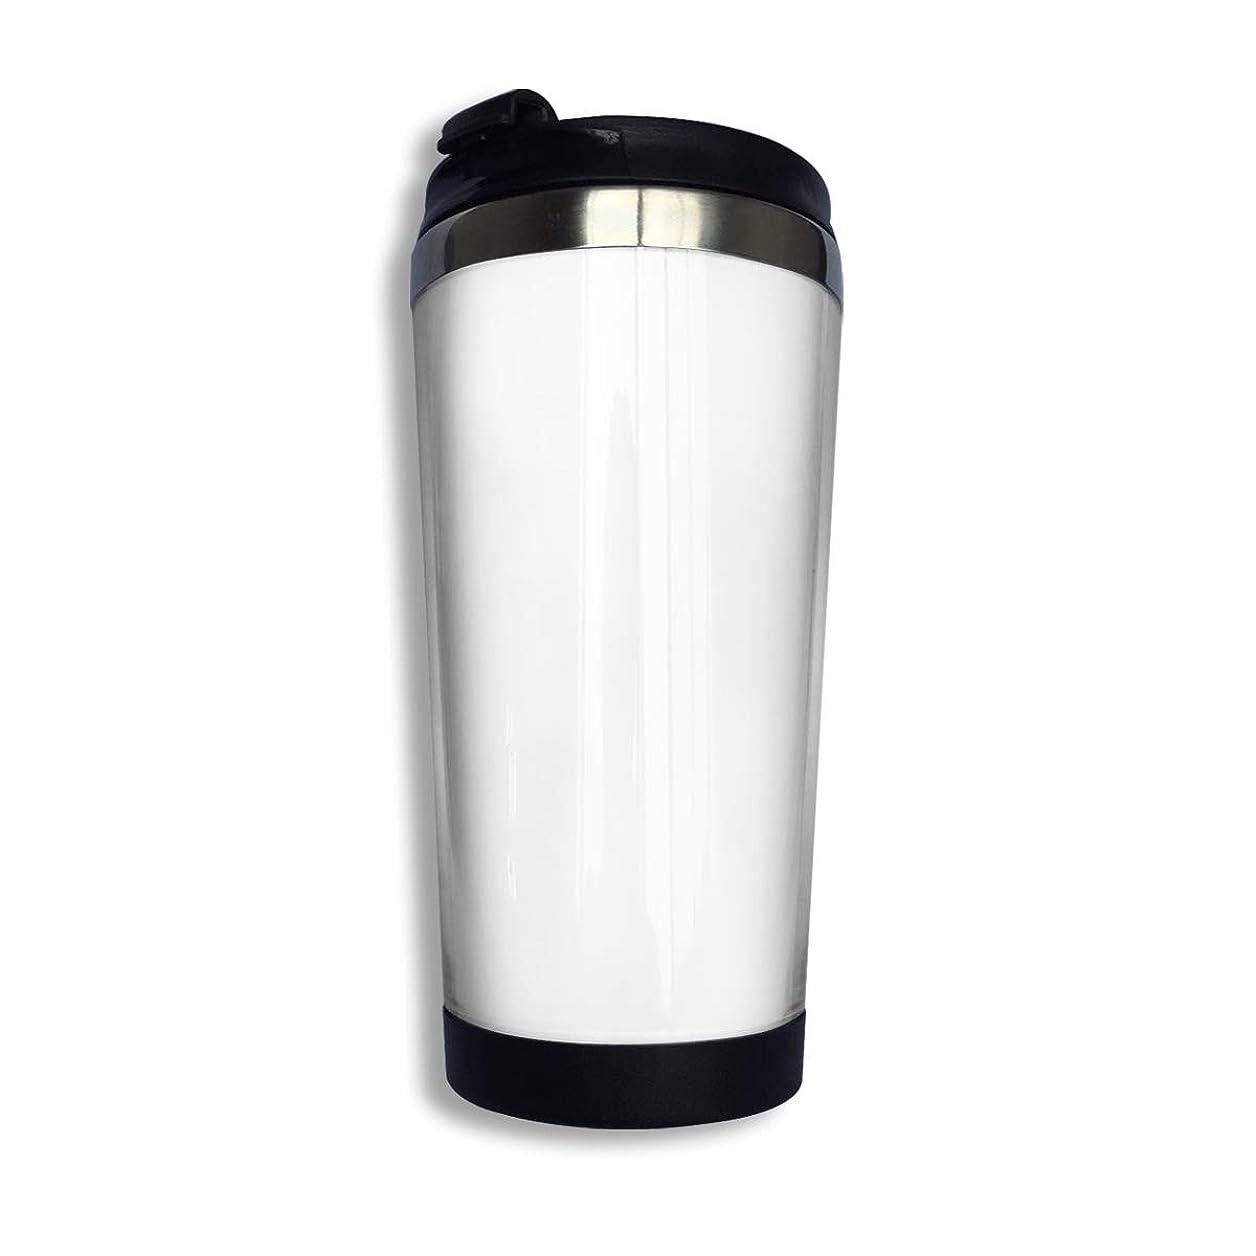 美人満たす葉巻Milicamp マグボトル 水筒 直飲み 魔法瓶 400ml ステンレスマグボトル 保温 カップ おしゃれ 絵文字のパターン コーヒー コップ 蓋付き 真空断熱タンブラー ステンレスボトル オフィス ギフト 贈り物